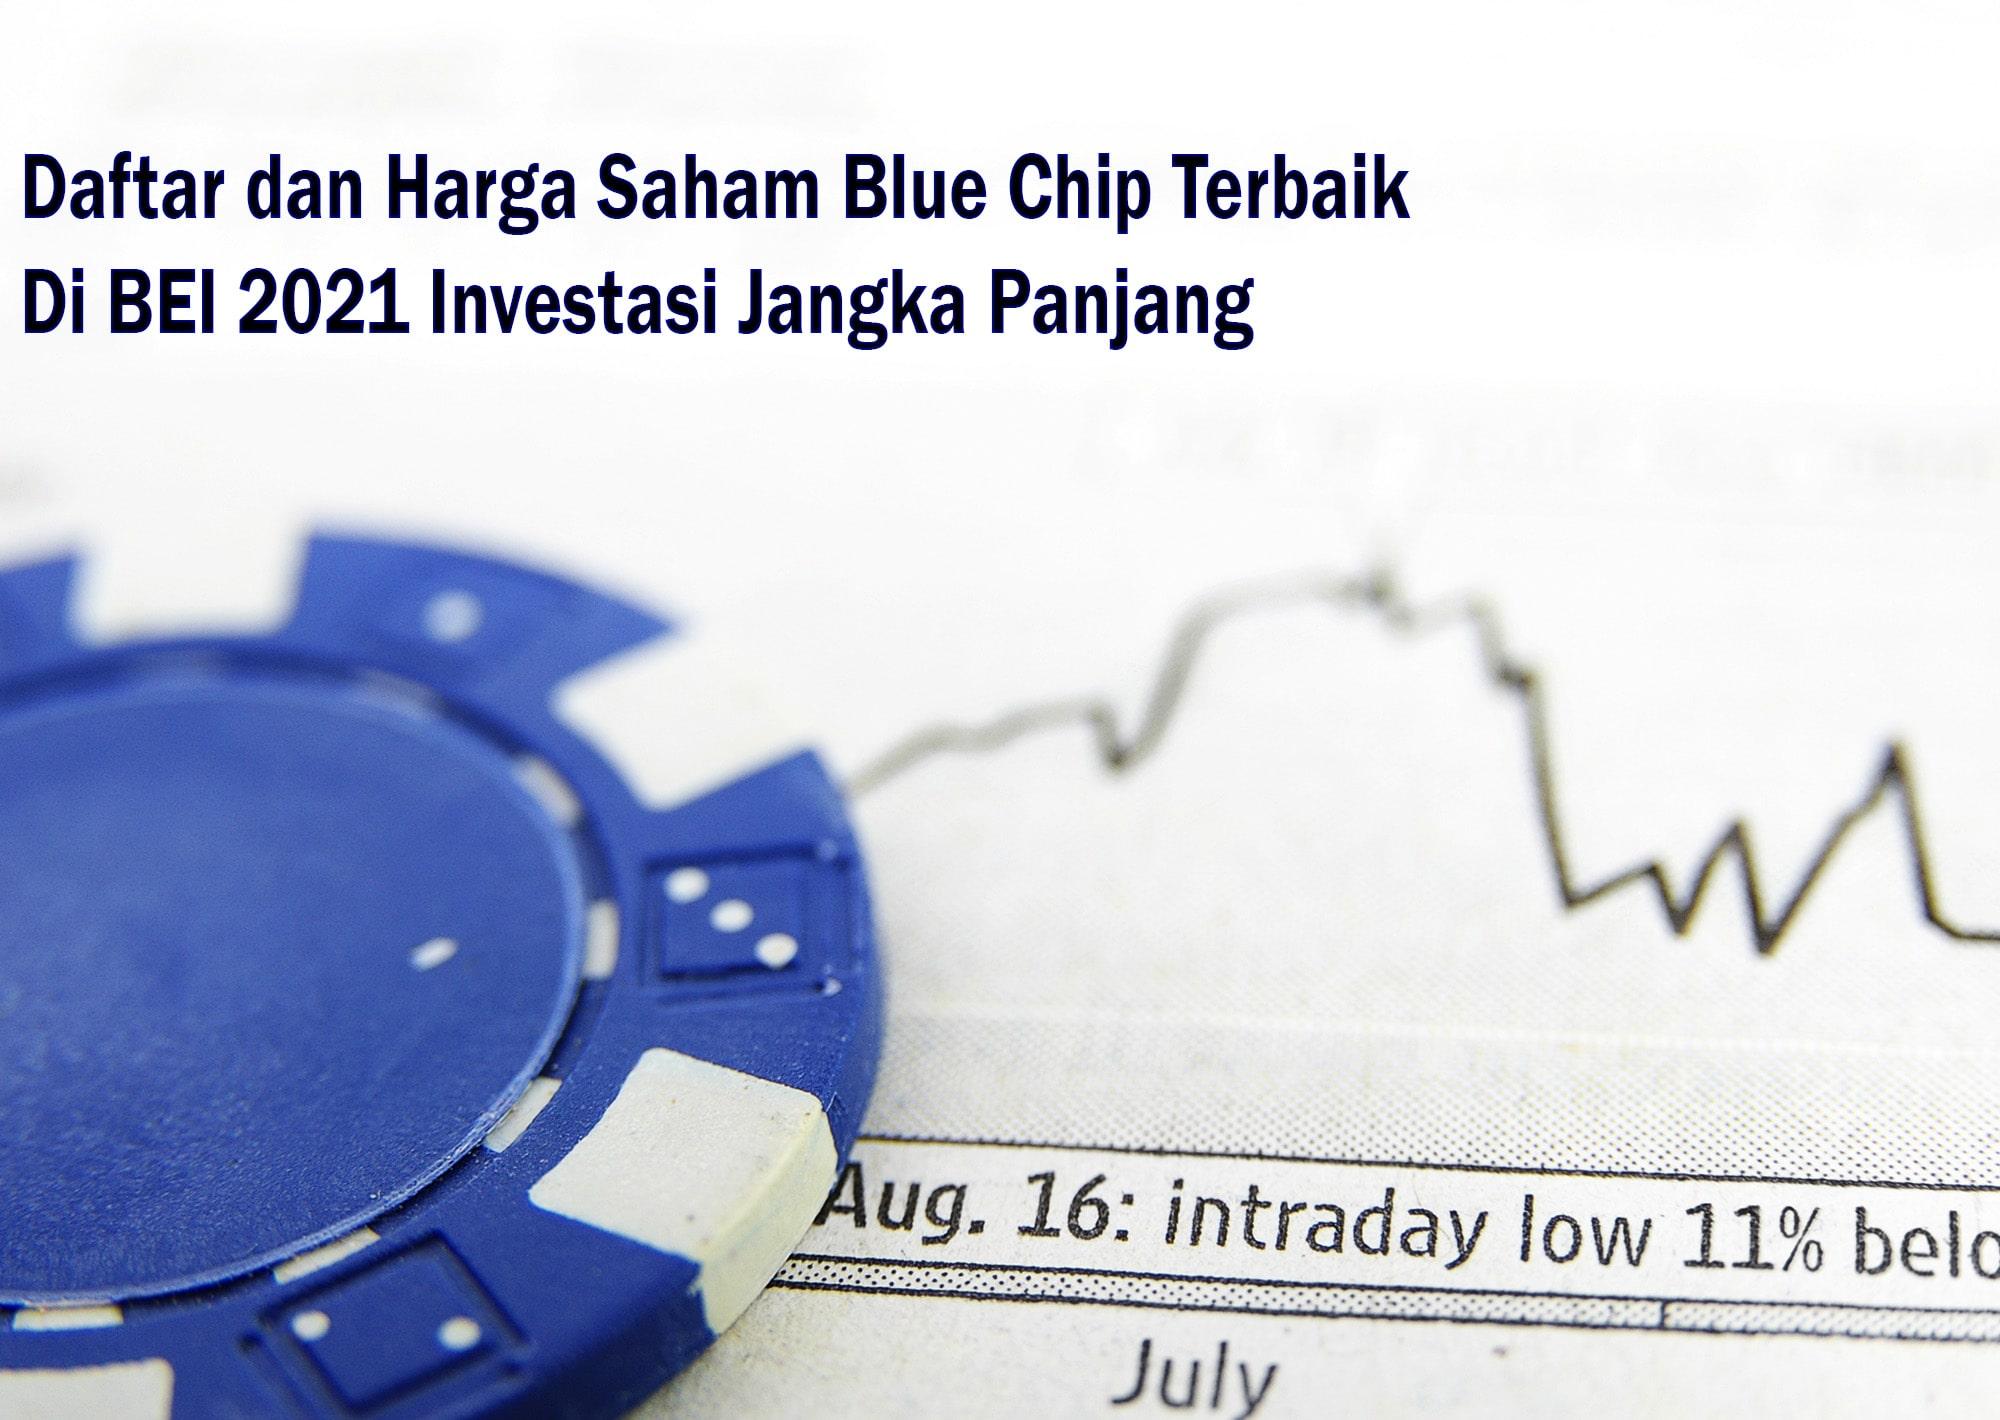 Daftar dan Harga Saham Blue Chip Terbaik di BEI 2021